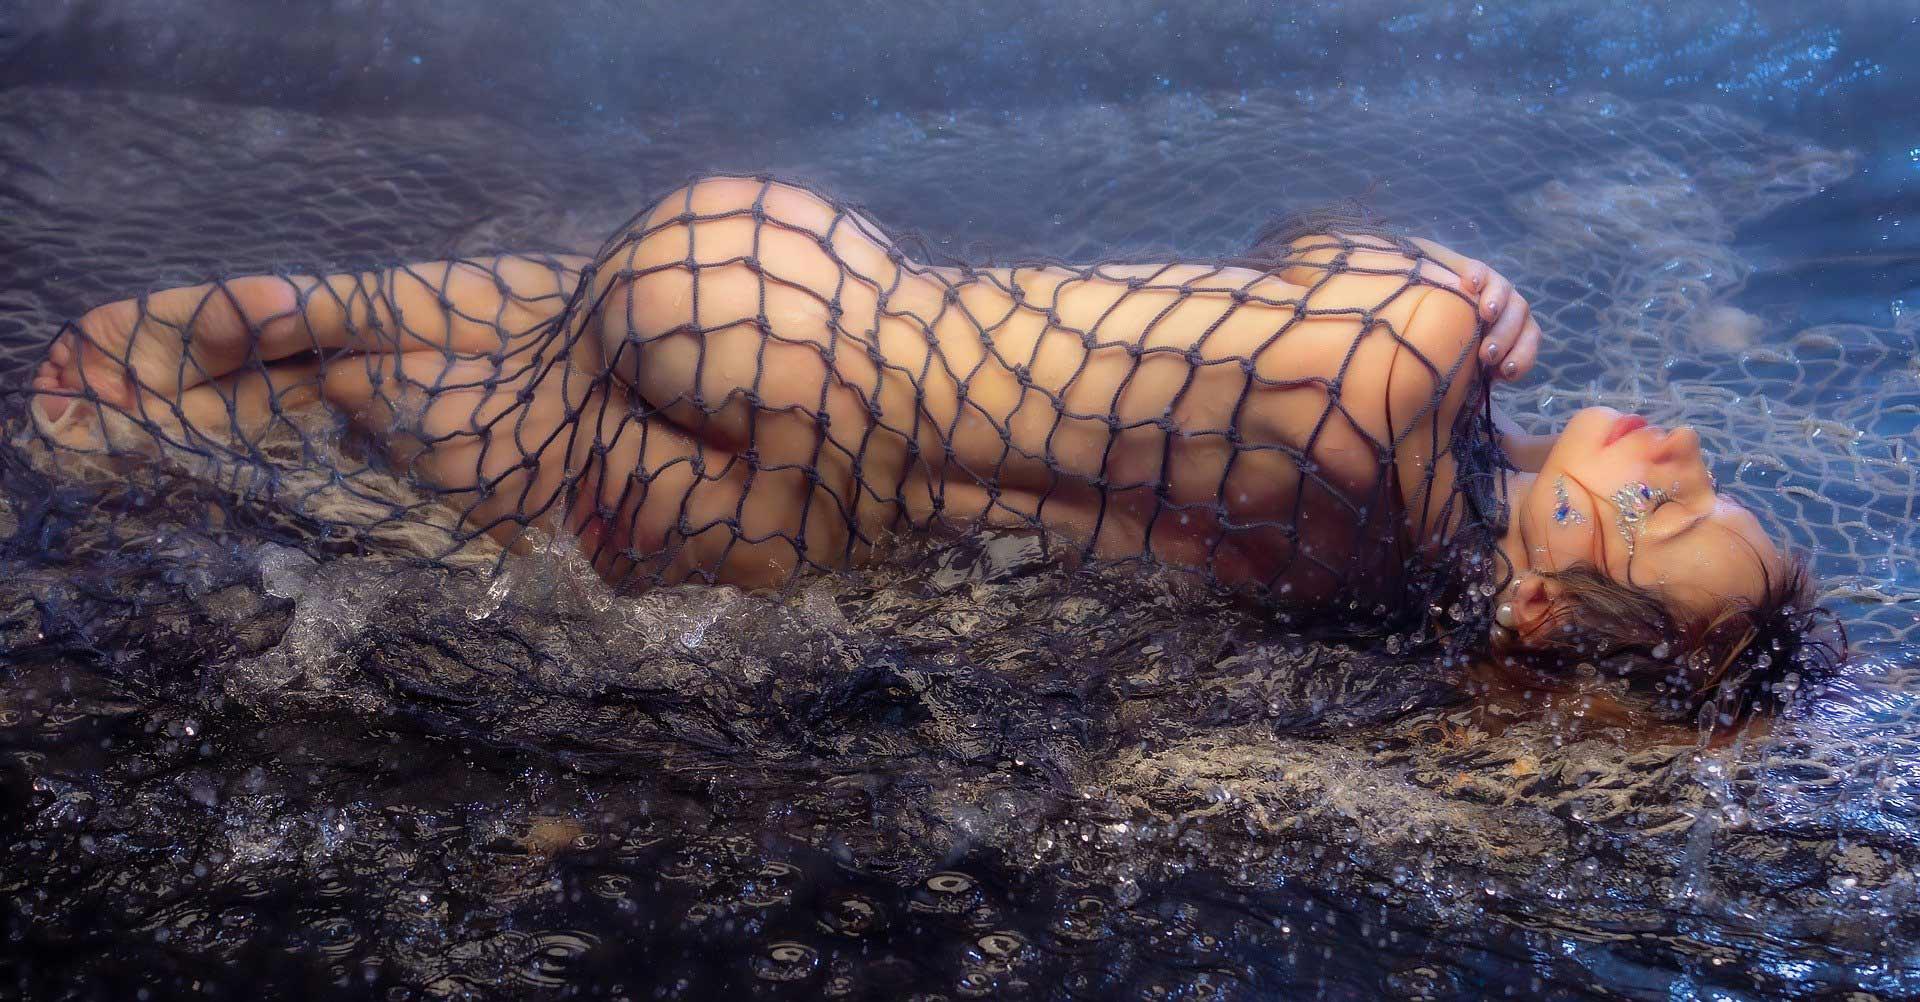 BDSM-Meerjungfrau